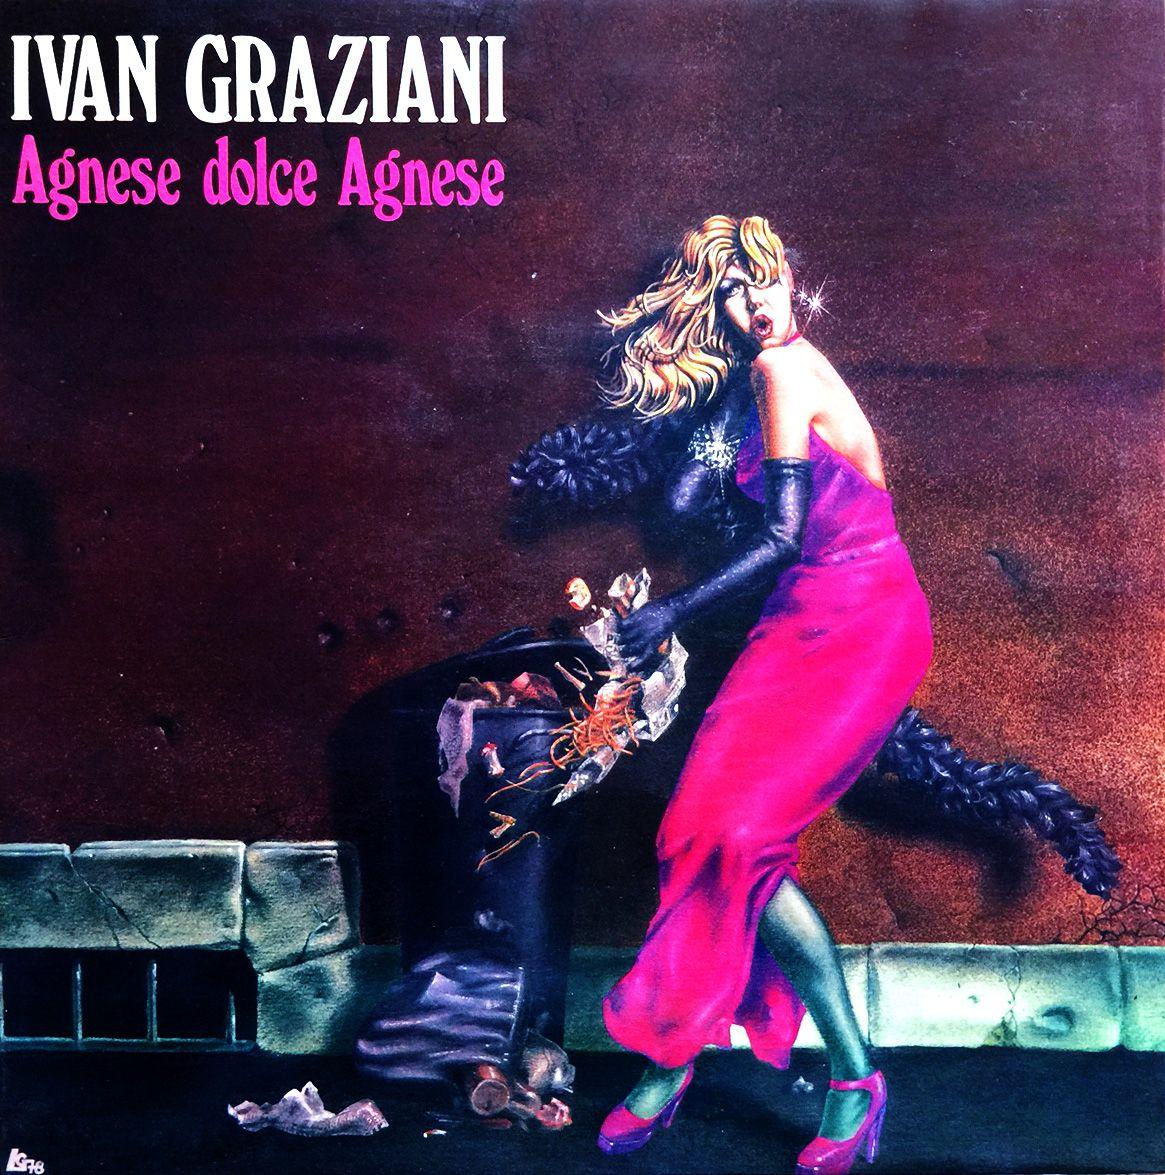 Gaetano Liberatore . Ivan Graziani . Agnese dolce Agnese . 1979